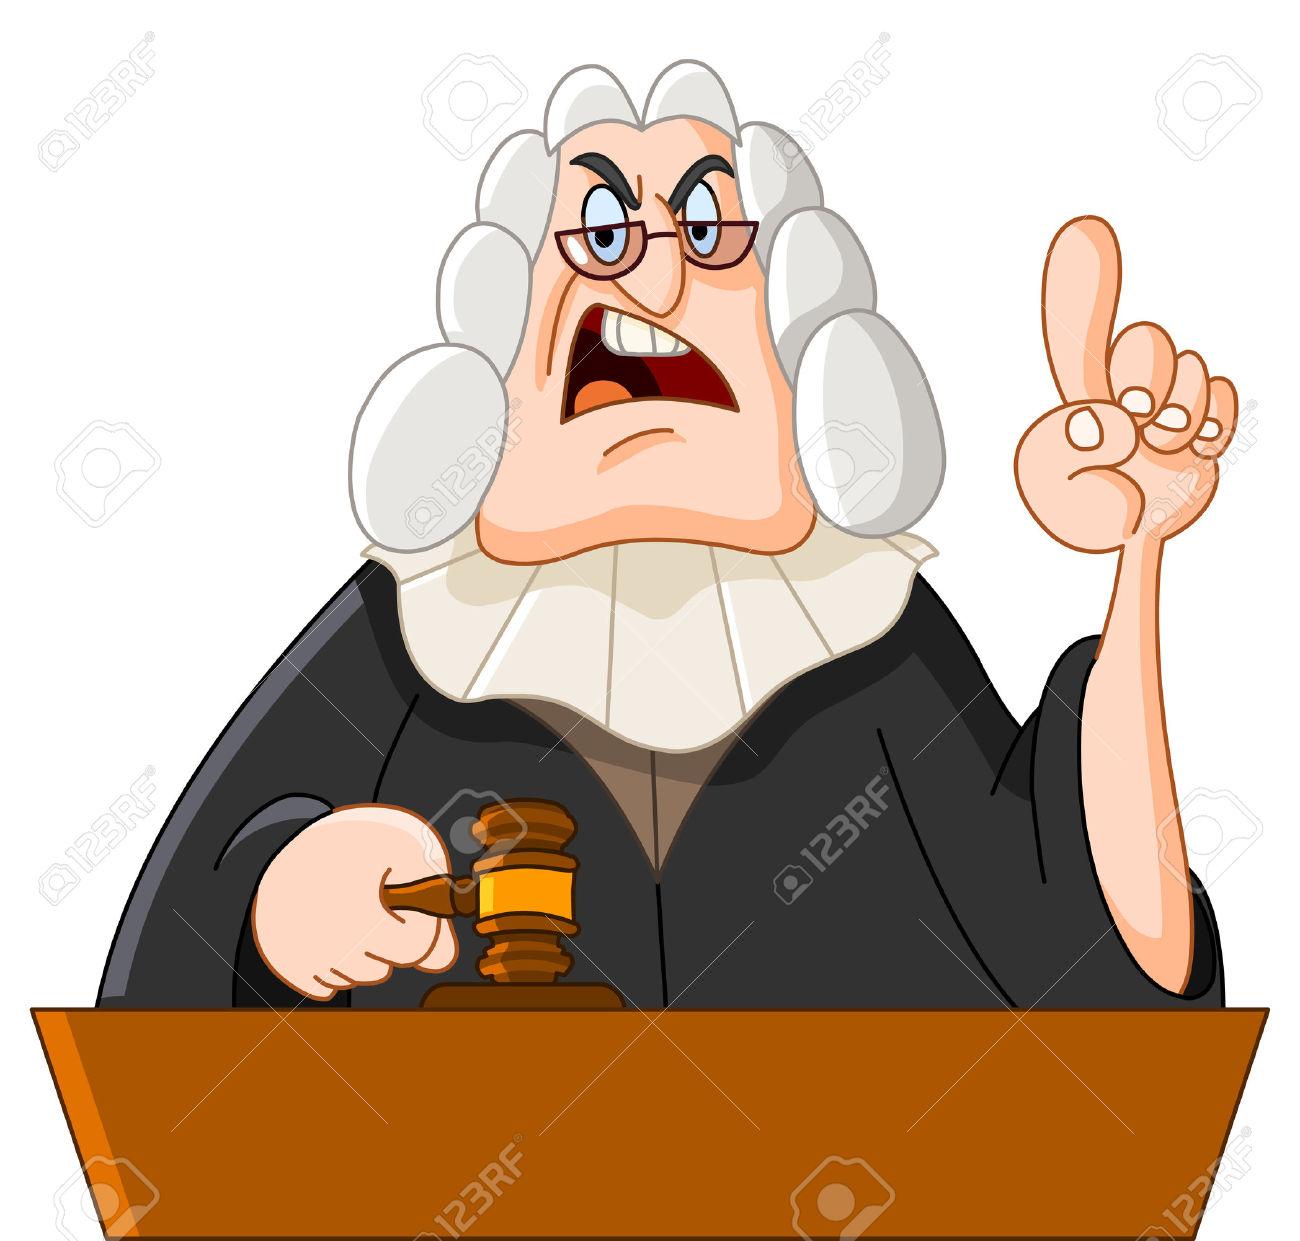 Cartoon judge clipart.